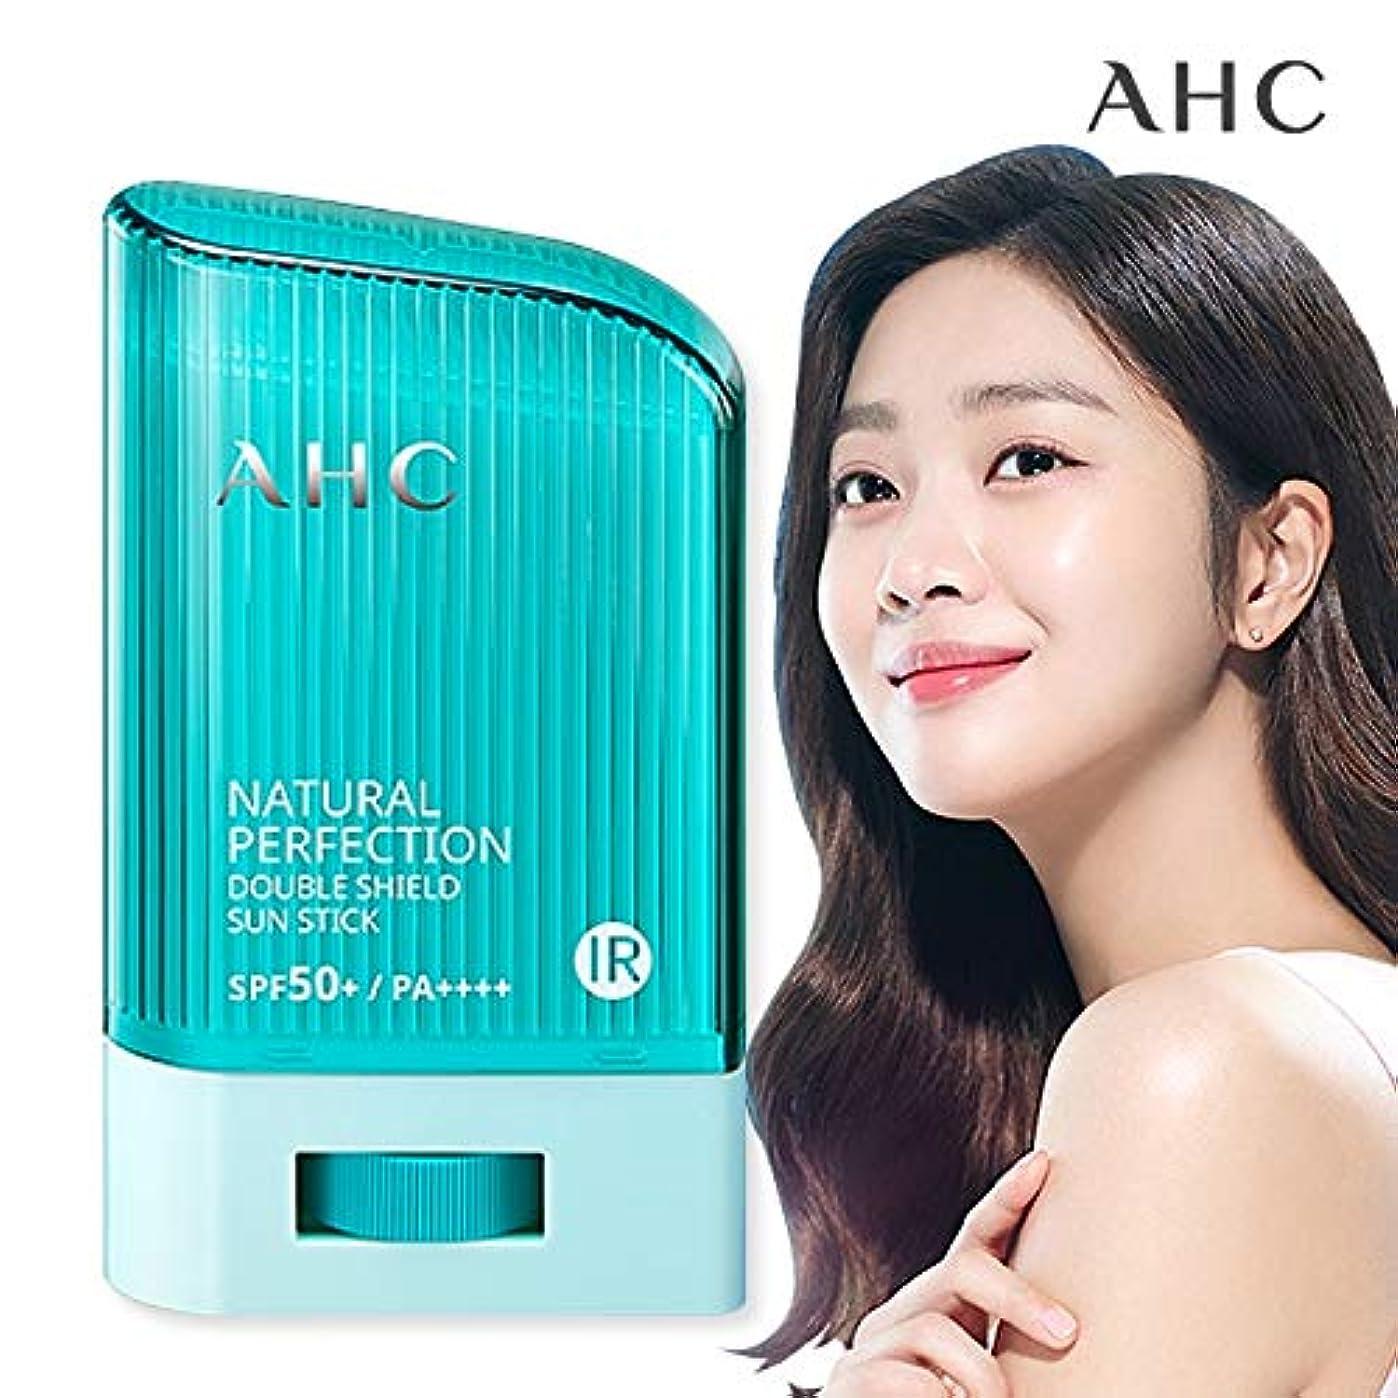 ドキドキ前進世紀AHC ナチュラルパーフェクションダブルシールドサンスティック 22g, SPF50+ PA++++ A.H.C Natural Perfection Double Shield Sun Stick